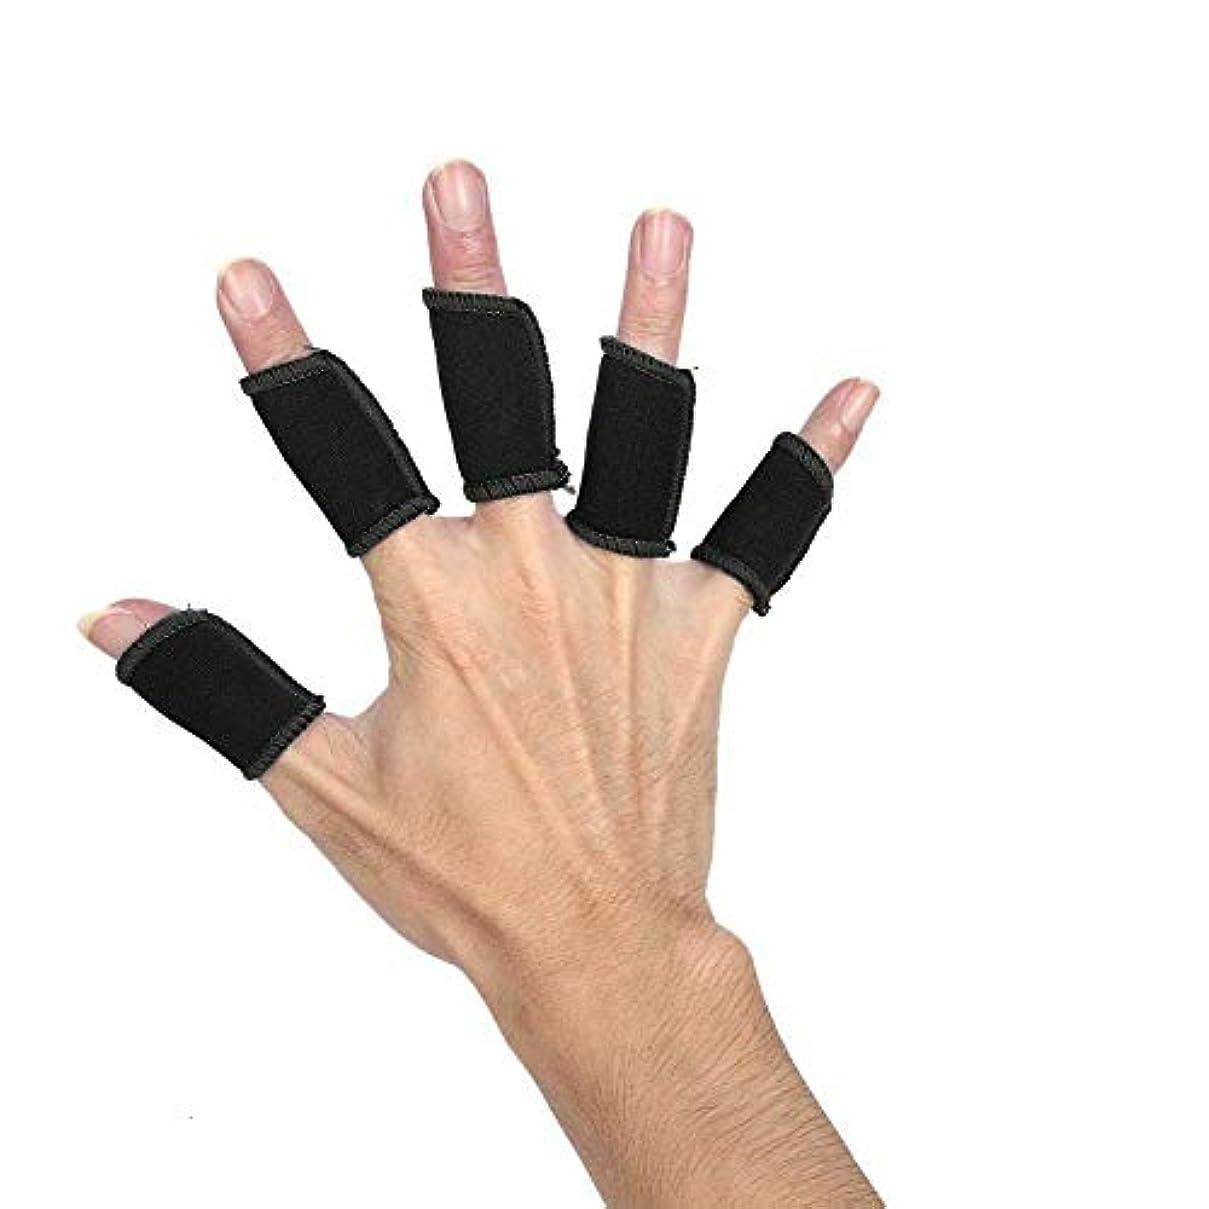 うめきハウジング悪党指の損傷のサポート、指のプロテクター5個のサポートスポーツの指のサポートスプリントプロテクター親指のサポートプロテクター,Black